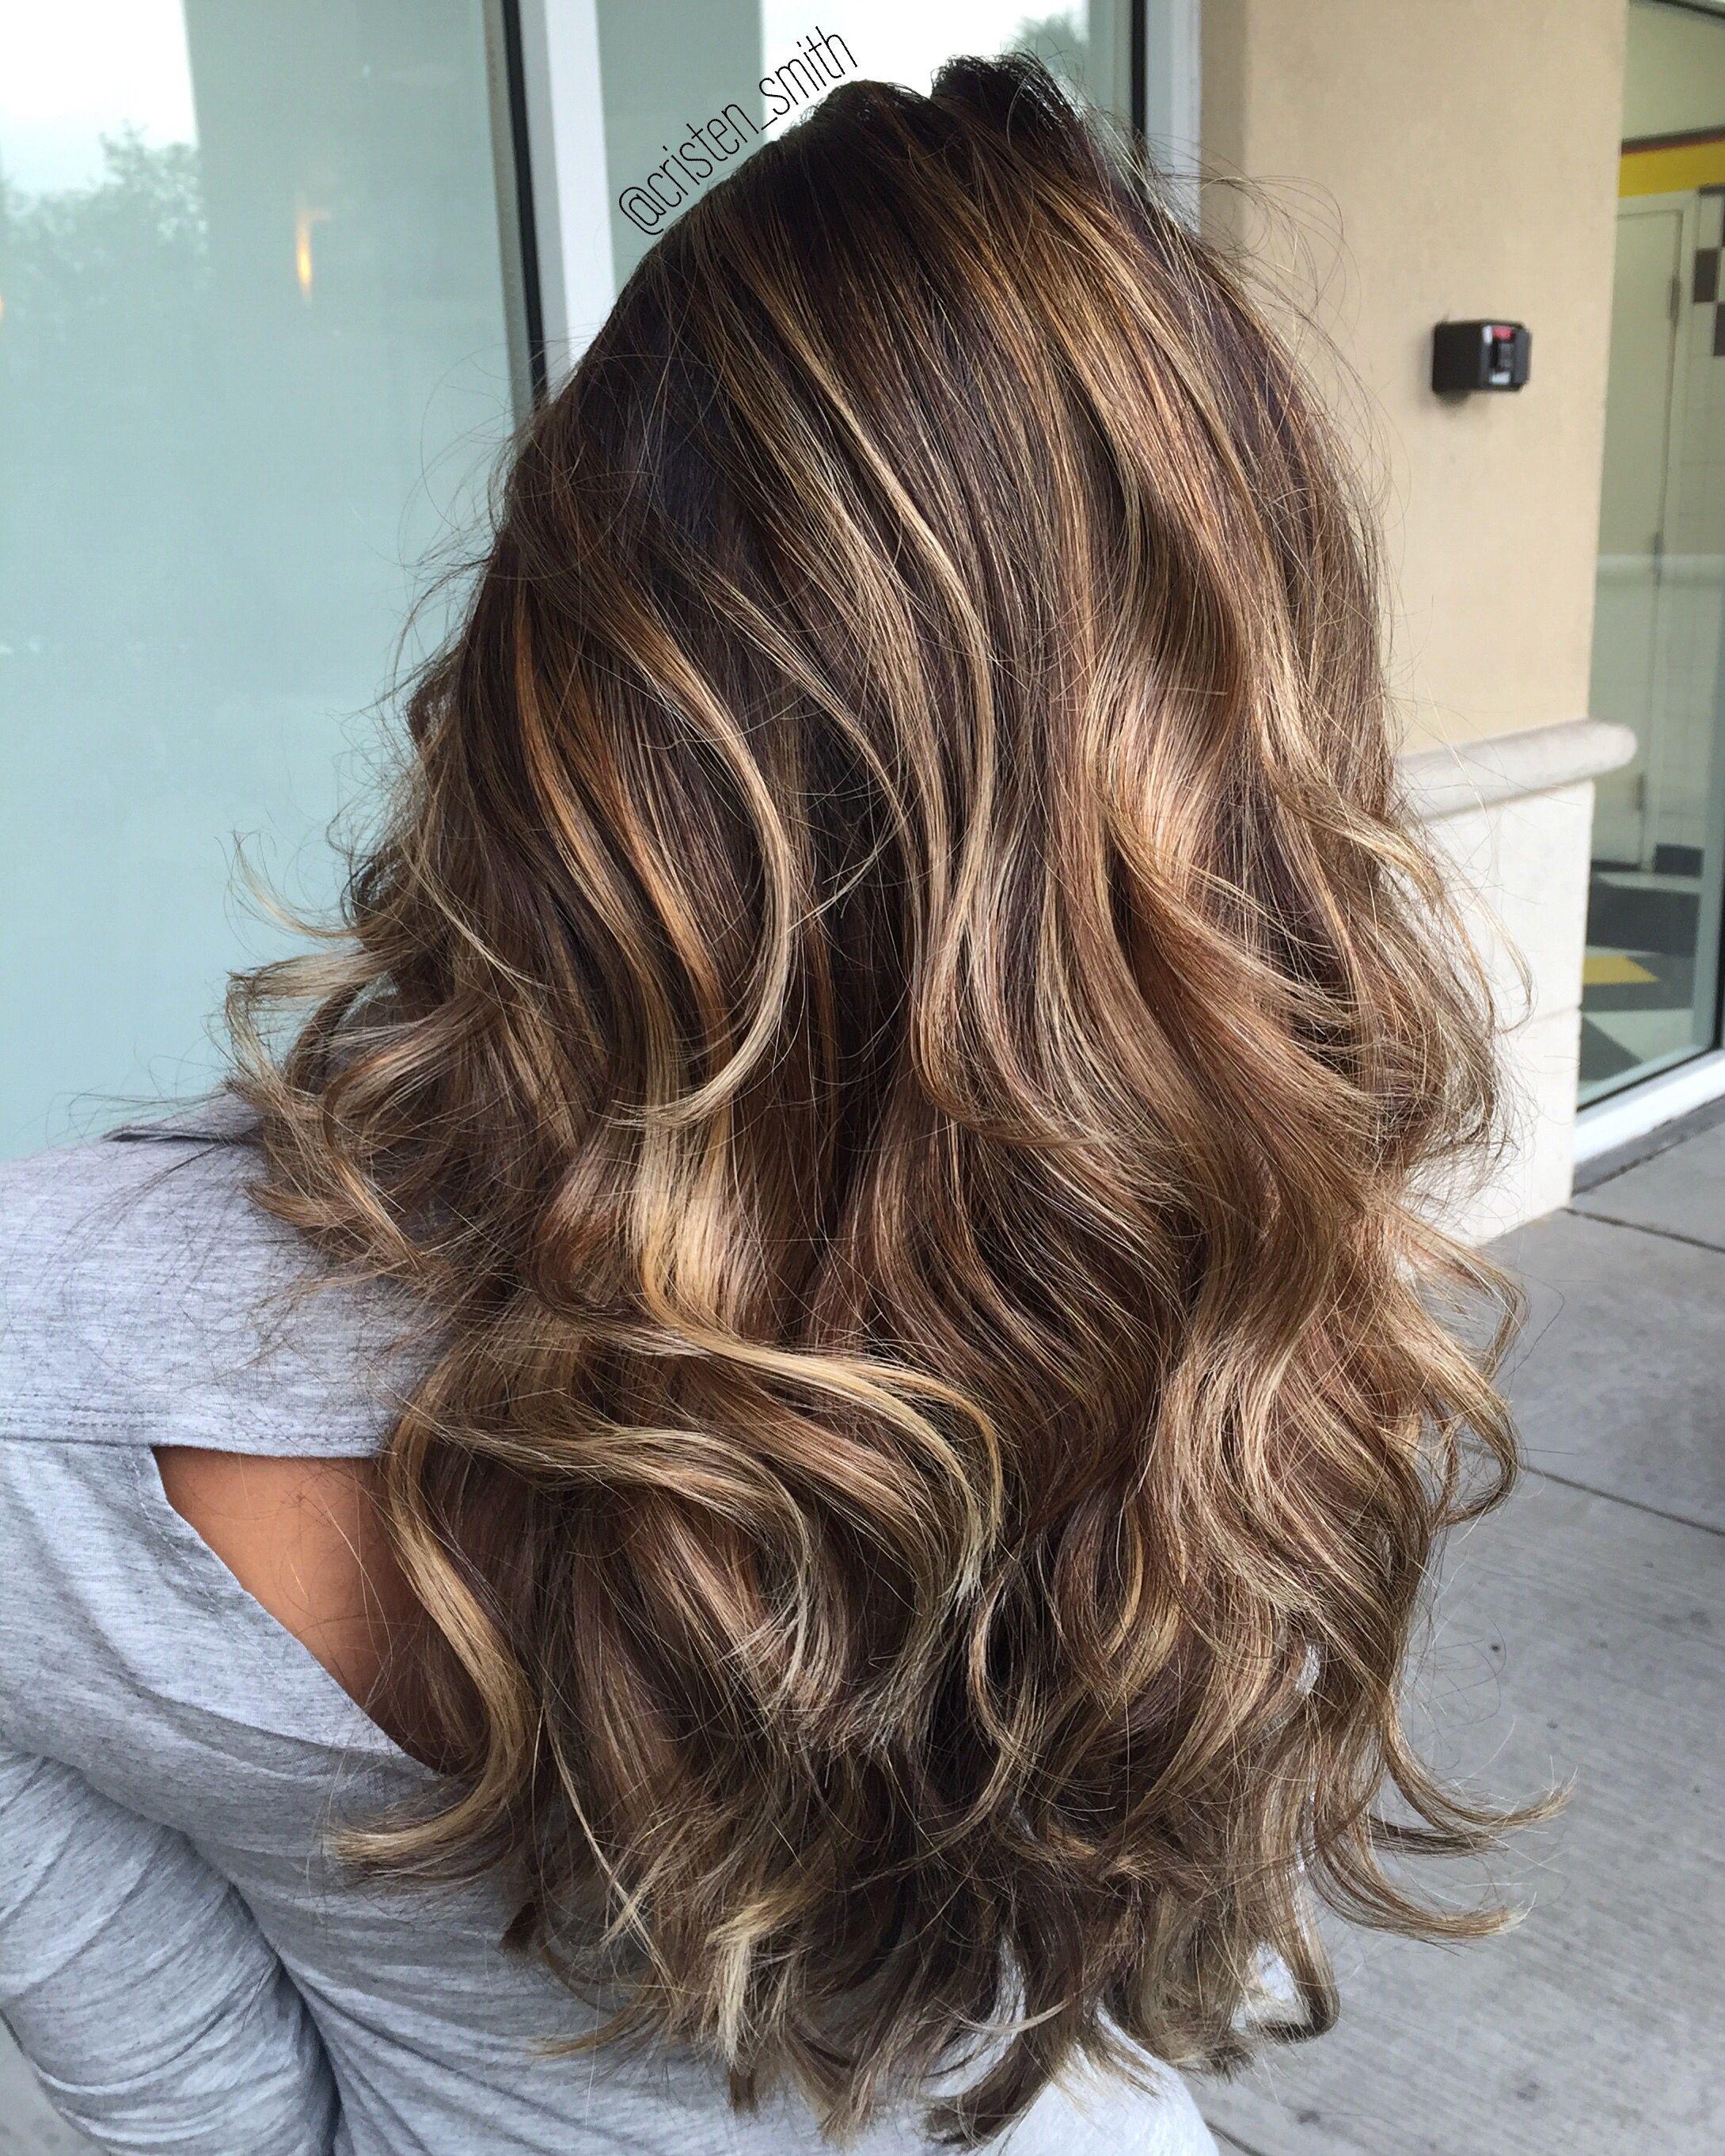 25 Delightfully Earthy Fall Hair Color Ideas my style